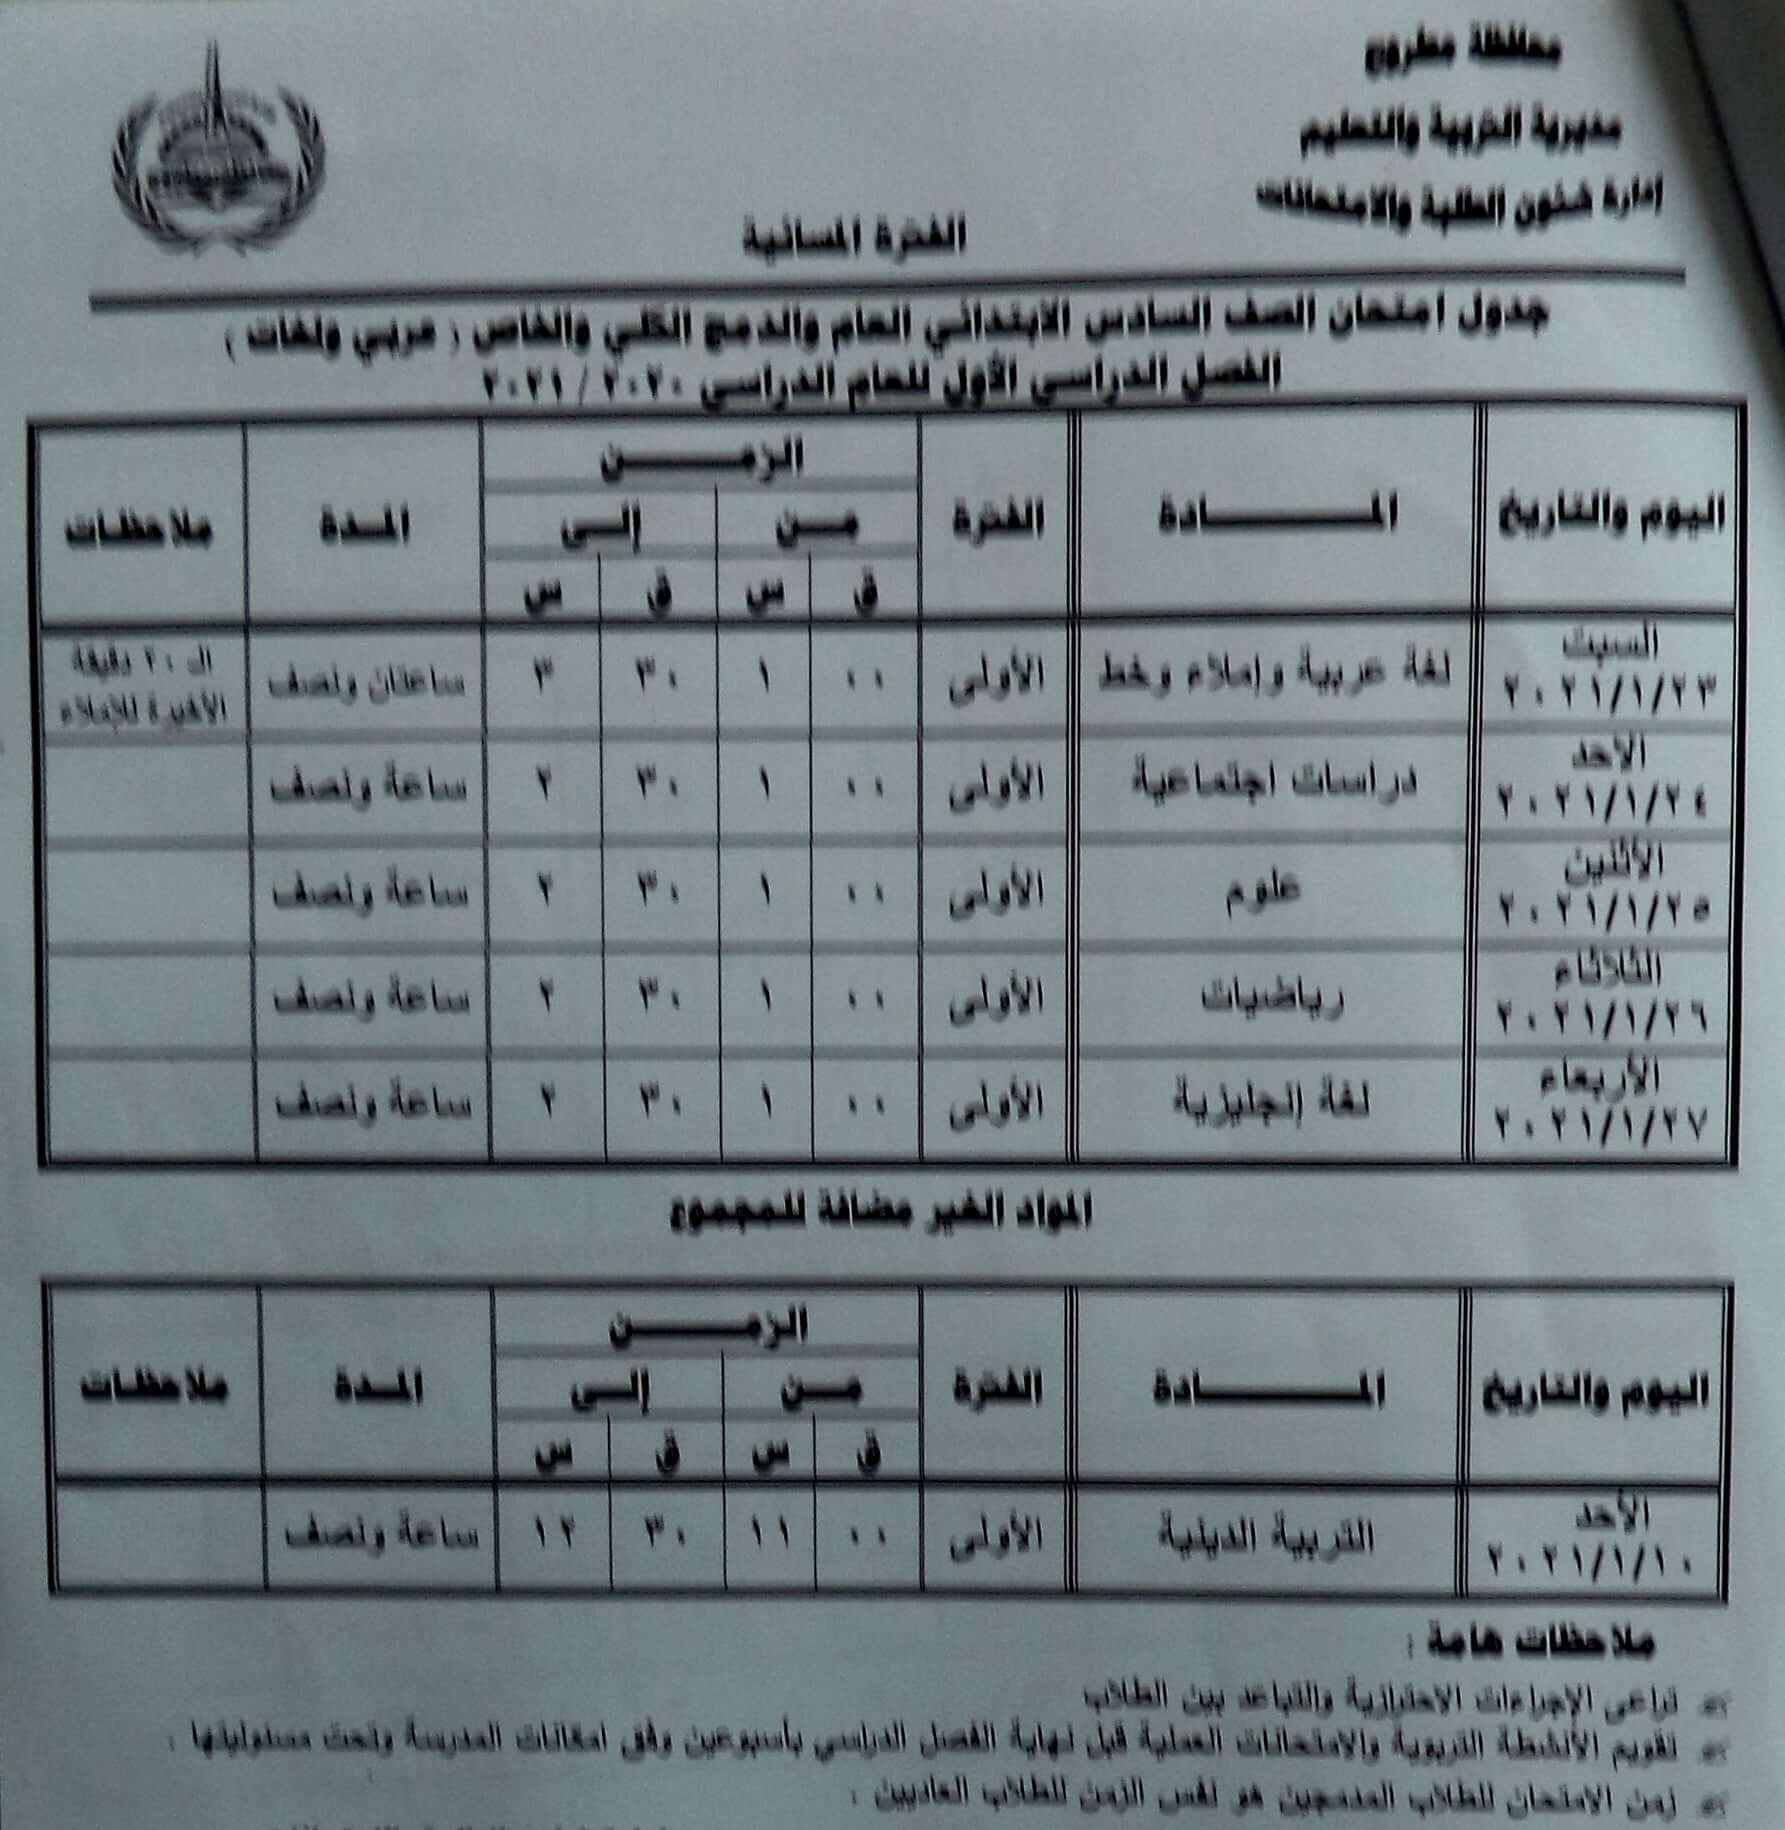 جدول امتحانات الصف السادس الابتدائي نصف العام محافظة مطروح 2021 2